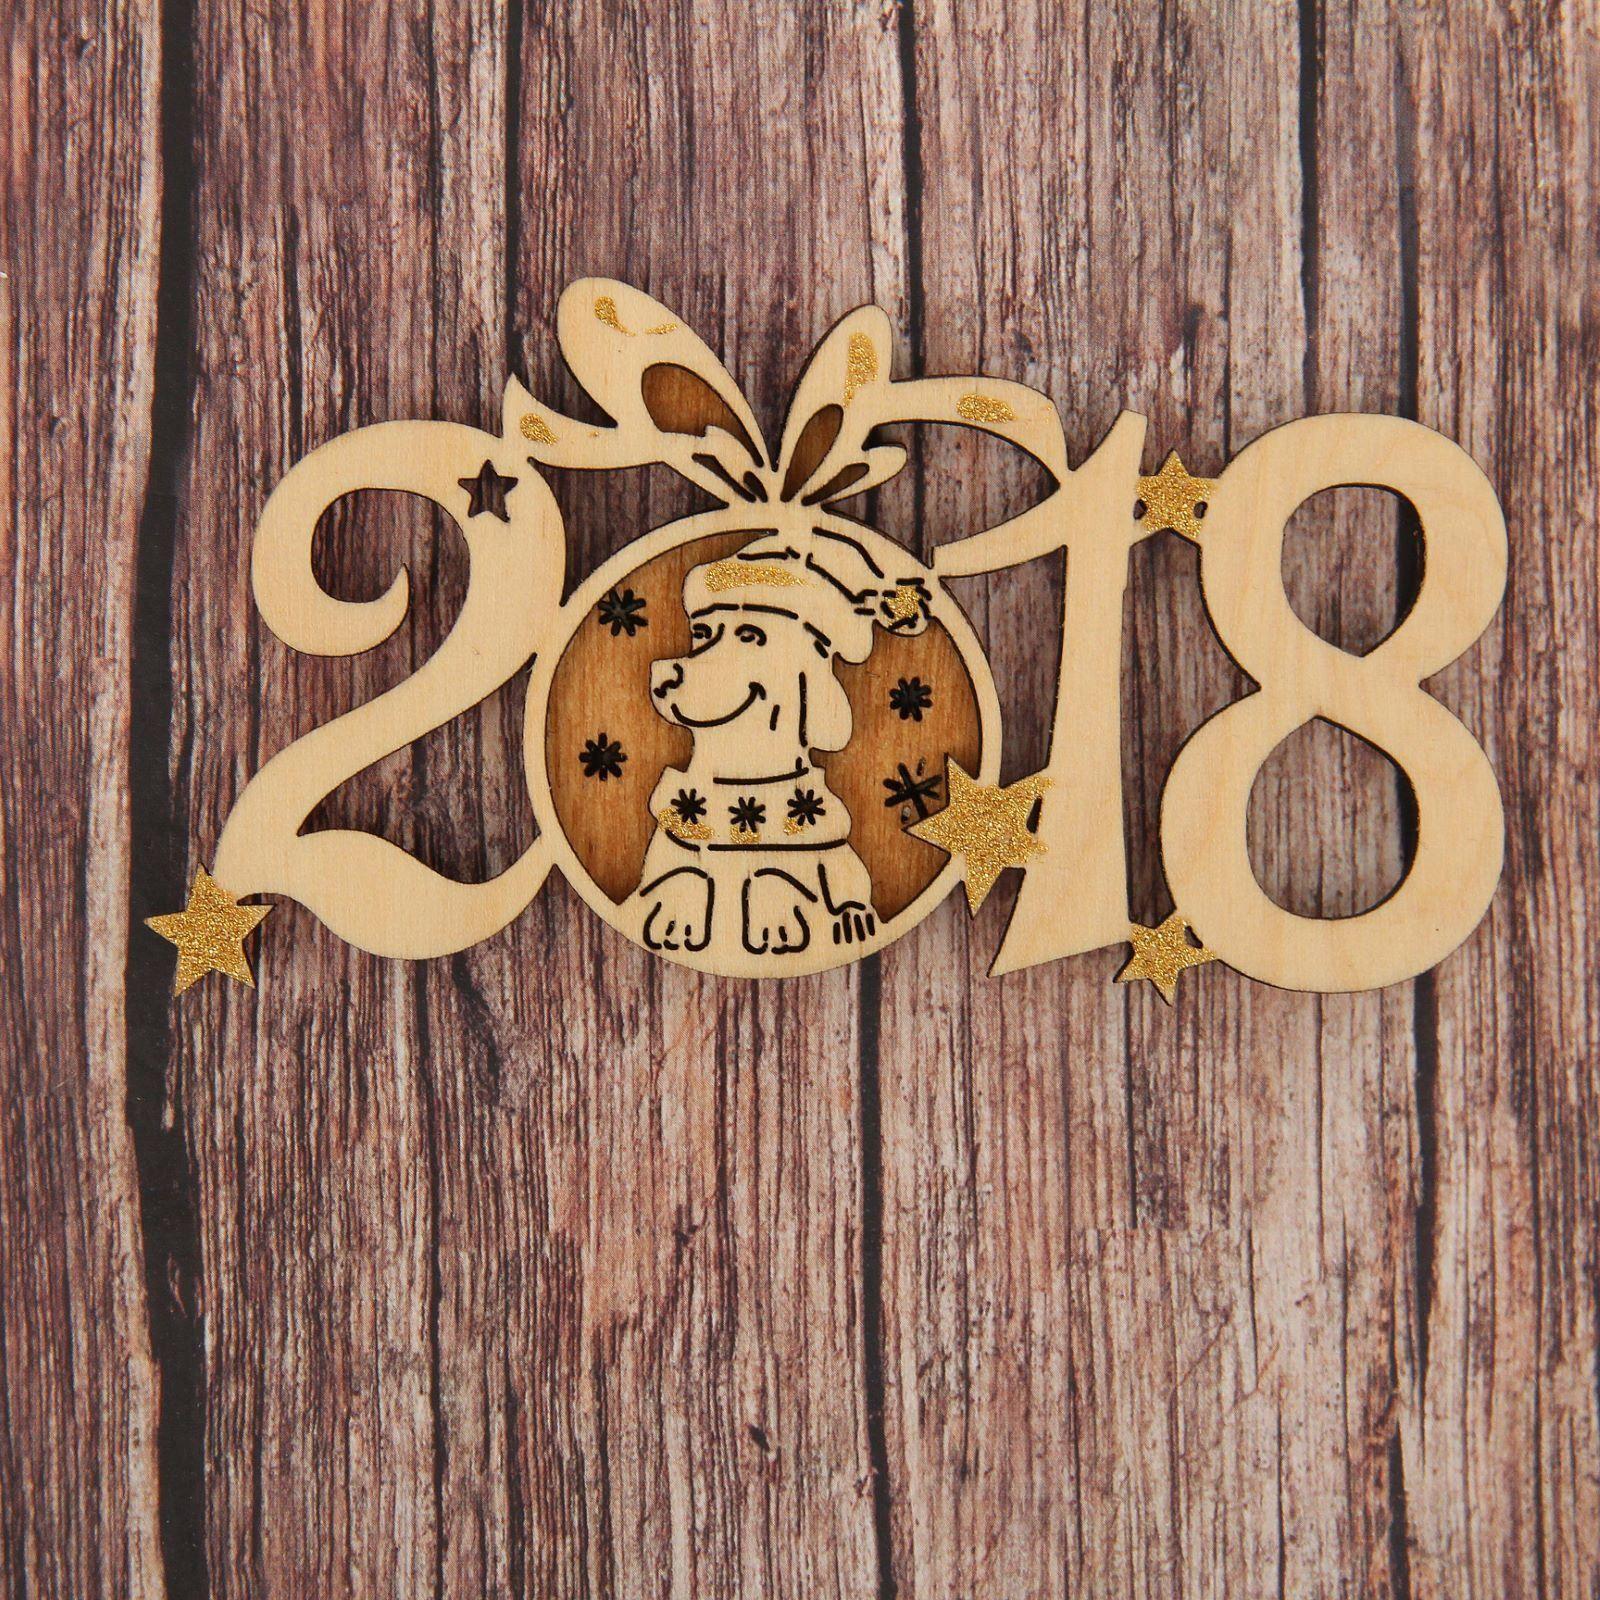 Магнит Канышевы 2018, 11,5 х 6,5 см2482749Порадуйте родных и близких оригинальным сувениром: преподнесите в подарок магнит. С ним даже самый серьёзный человек почувствует себя ребёнком, ожидающим чудо! Создайте праздничное настроение, и оно останется с вами на весь год.